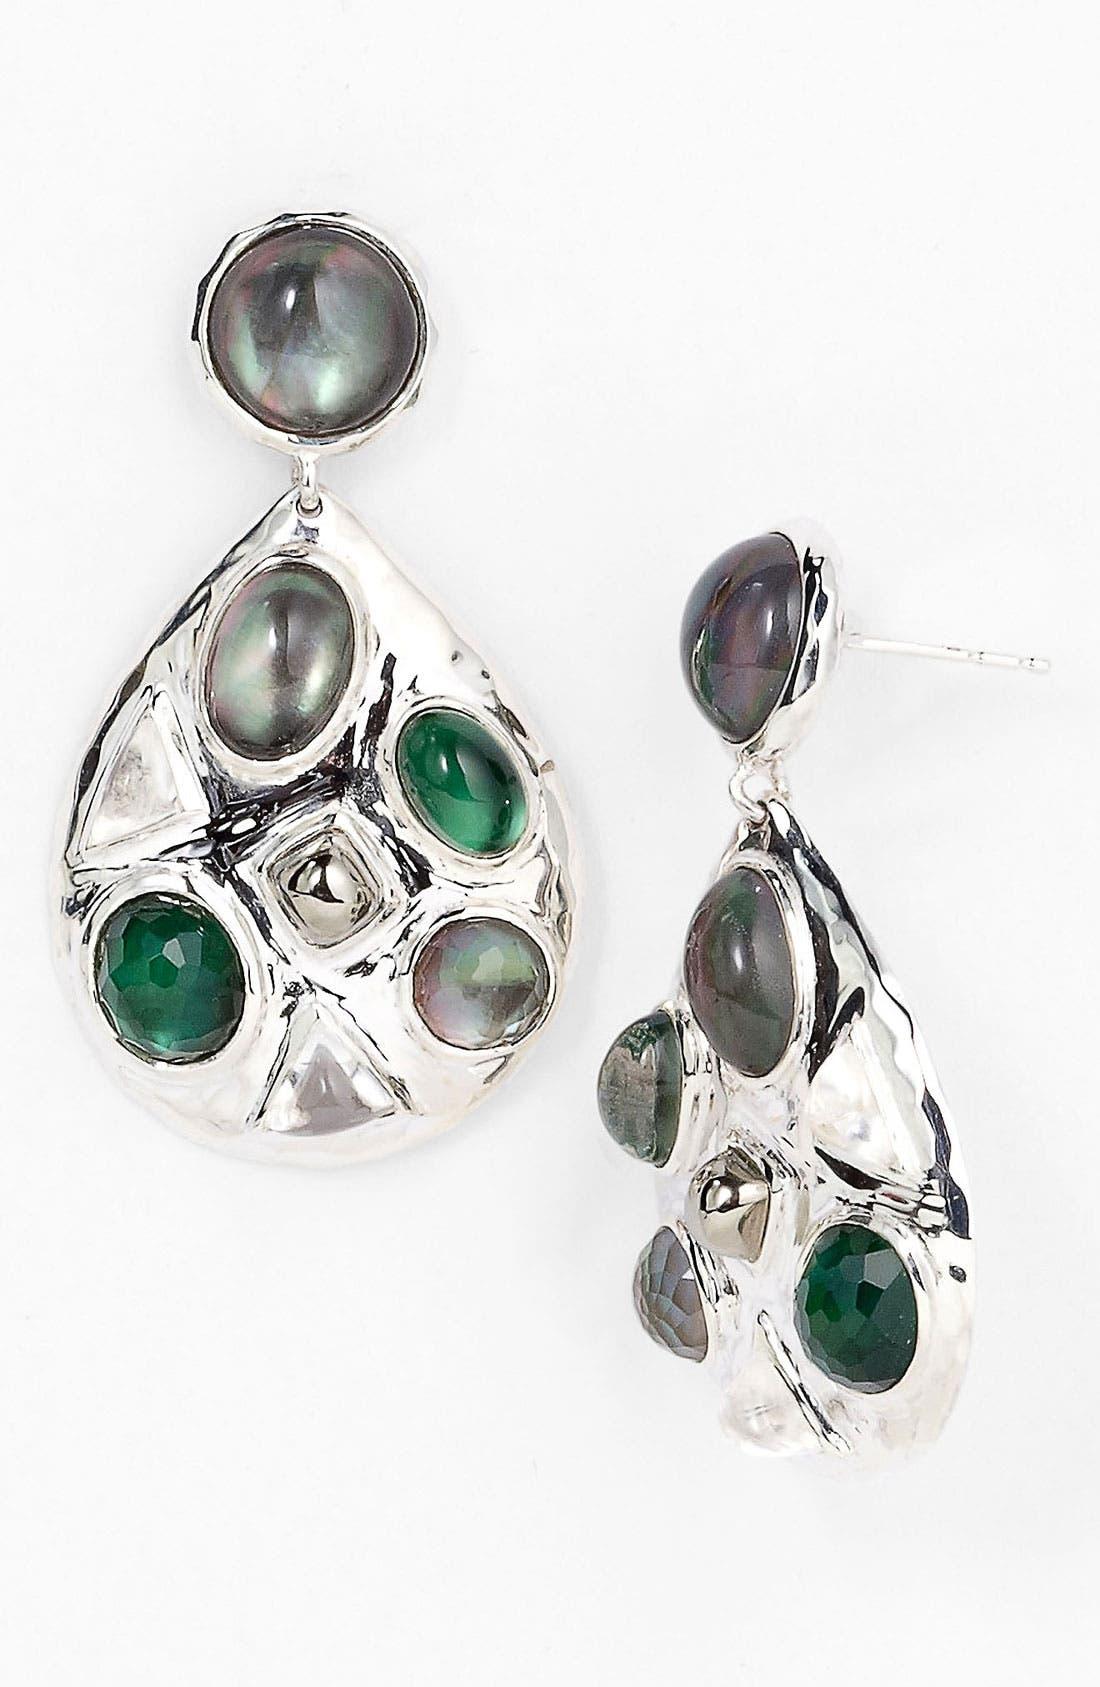 Alternate Image 1 Selected - Ippolita Mosaic Teardrop Earrings (Nordstrom Exclusive)